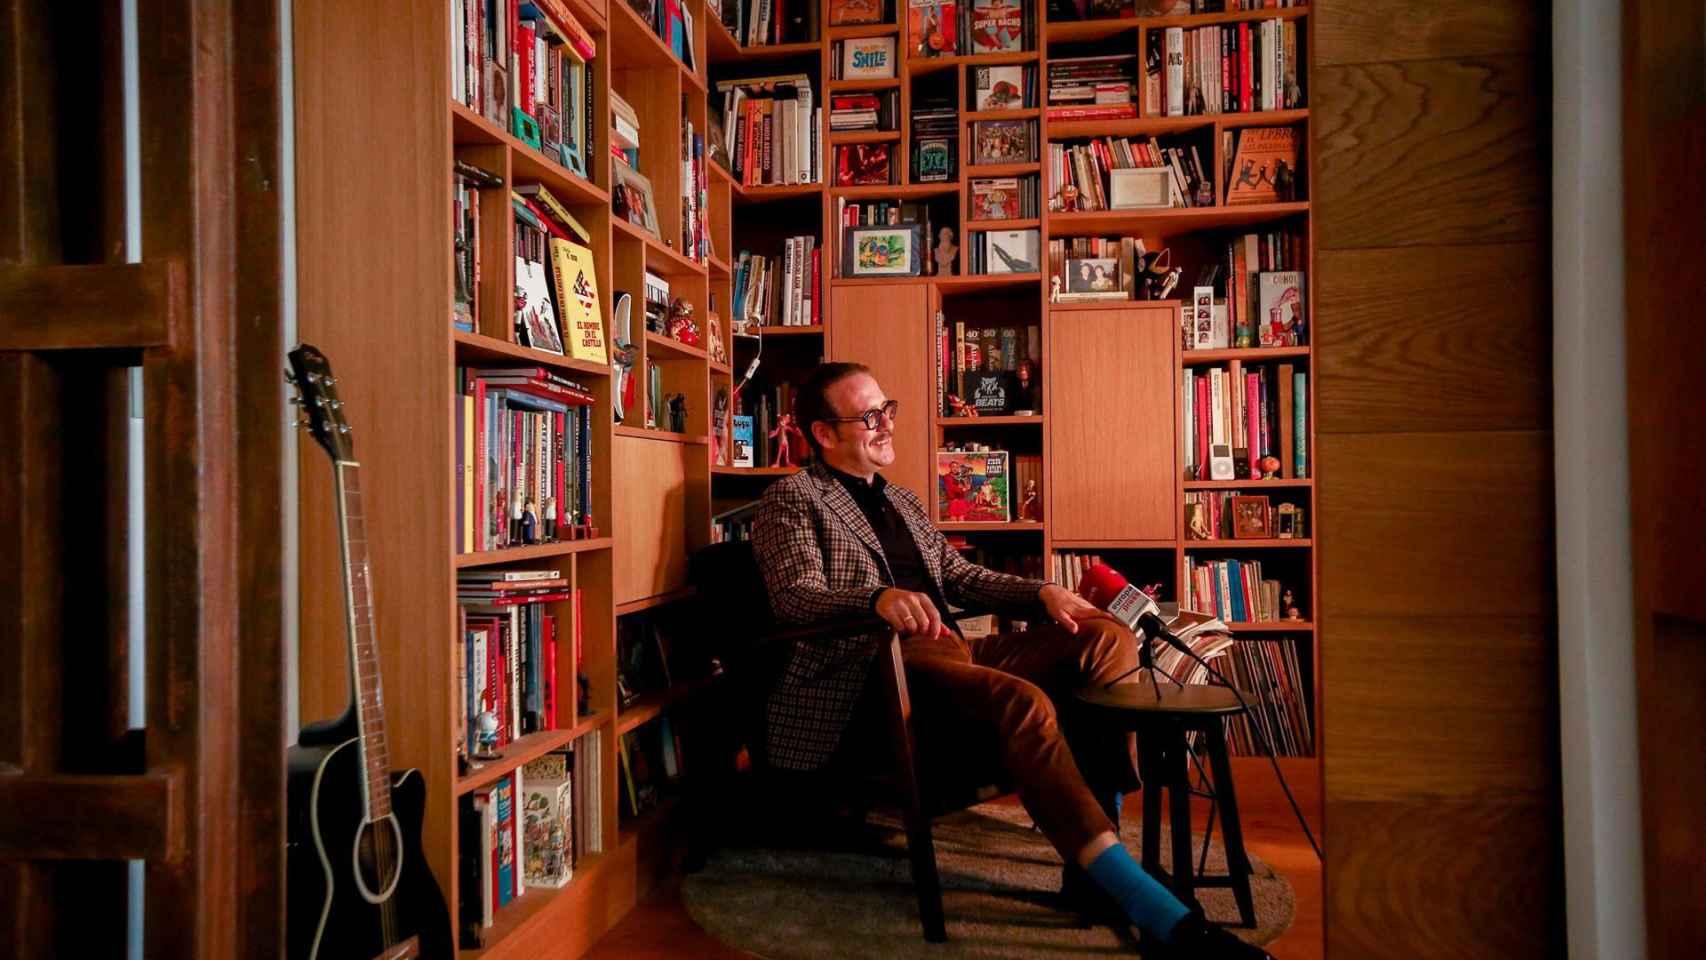 Imágenes del día en Castilla-La Mancha: Joaquín Reyes presenta 'Subidón', su primera novela